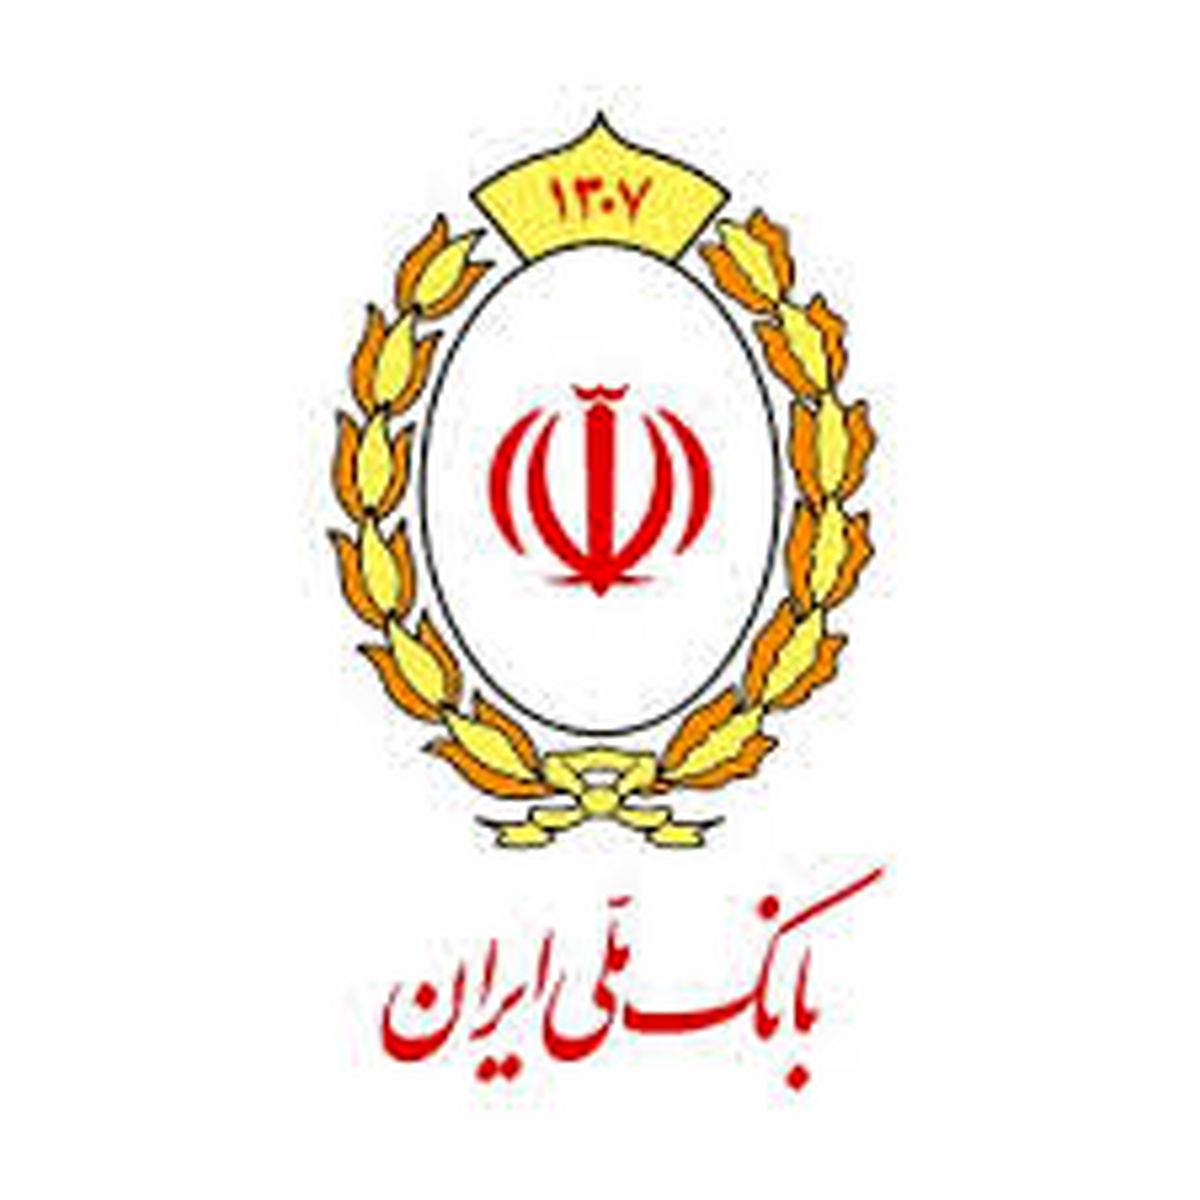 رتبه برتر بانک ملی ایران درمیان ۱۰ بانک فعال درحوزه «تولید» و «بازنشر» اخبار